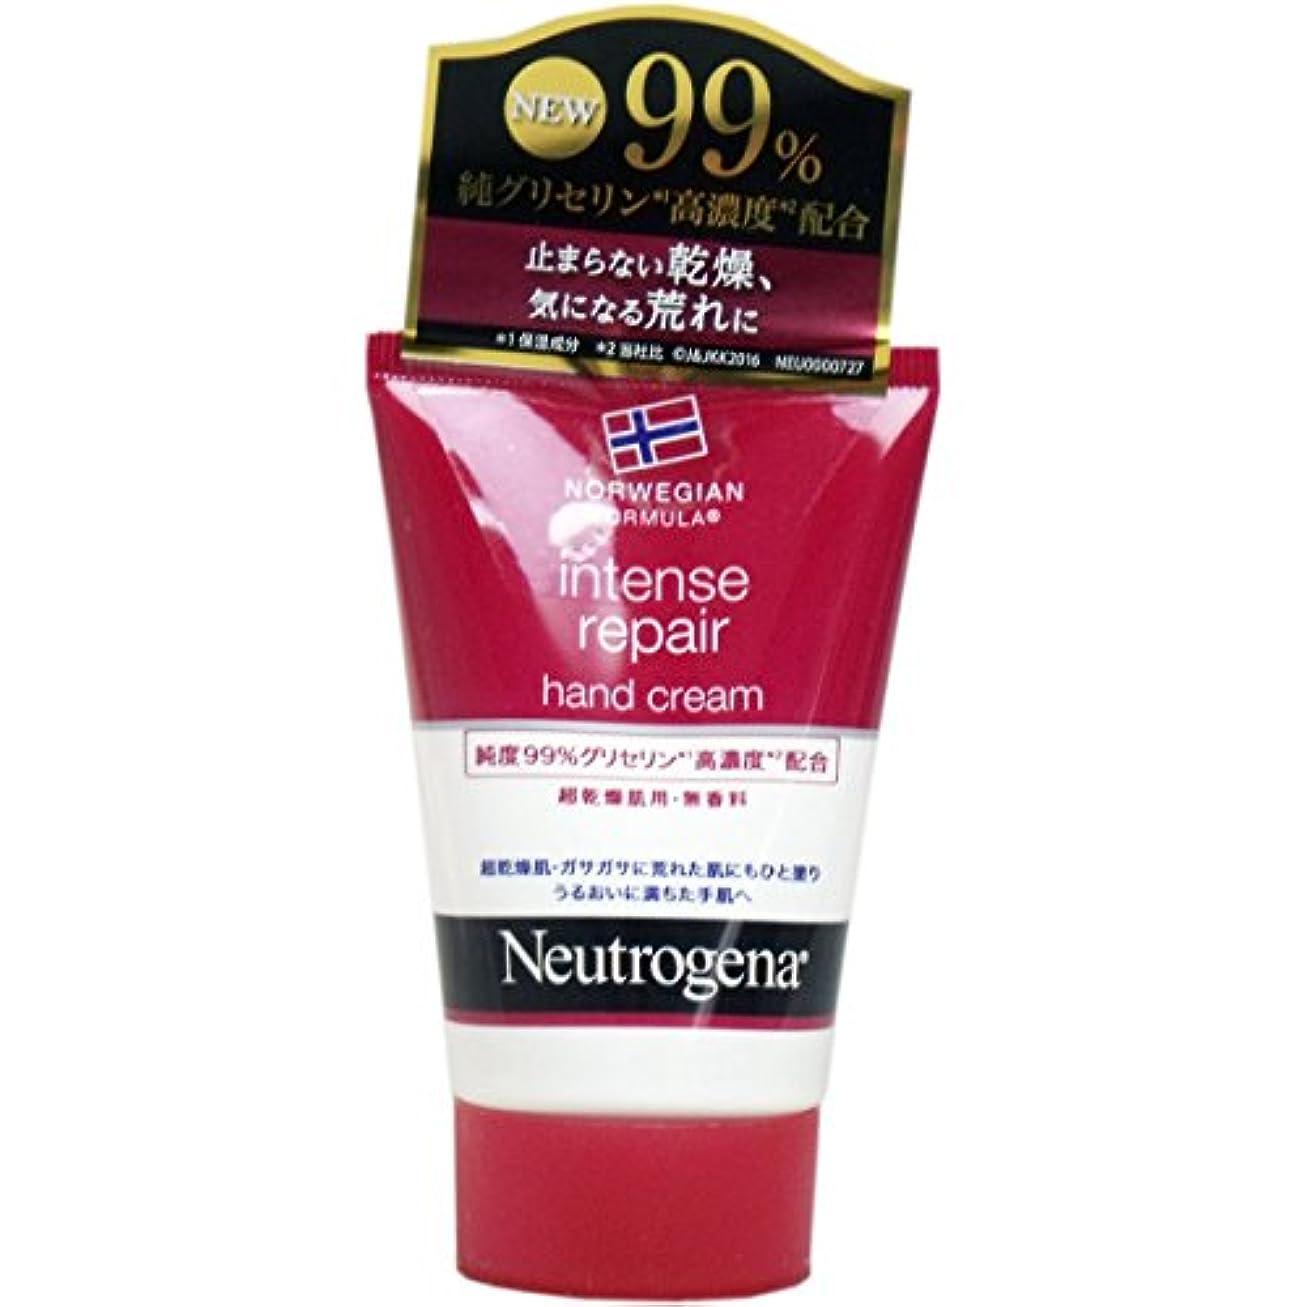 五十フェミニン名前で【セット品】Neutrogena(ニュートロジーナ) ノルウェーフォーミュラ インテンスリペア ハンドクリーム 超乾燥肌用 無香料 50g×6個